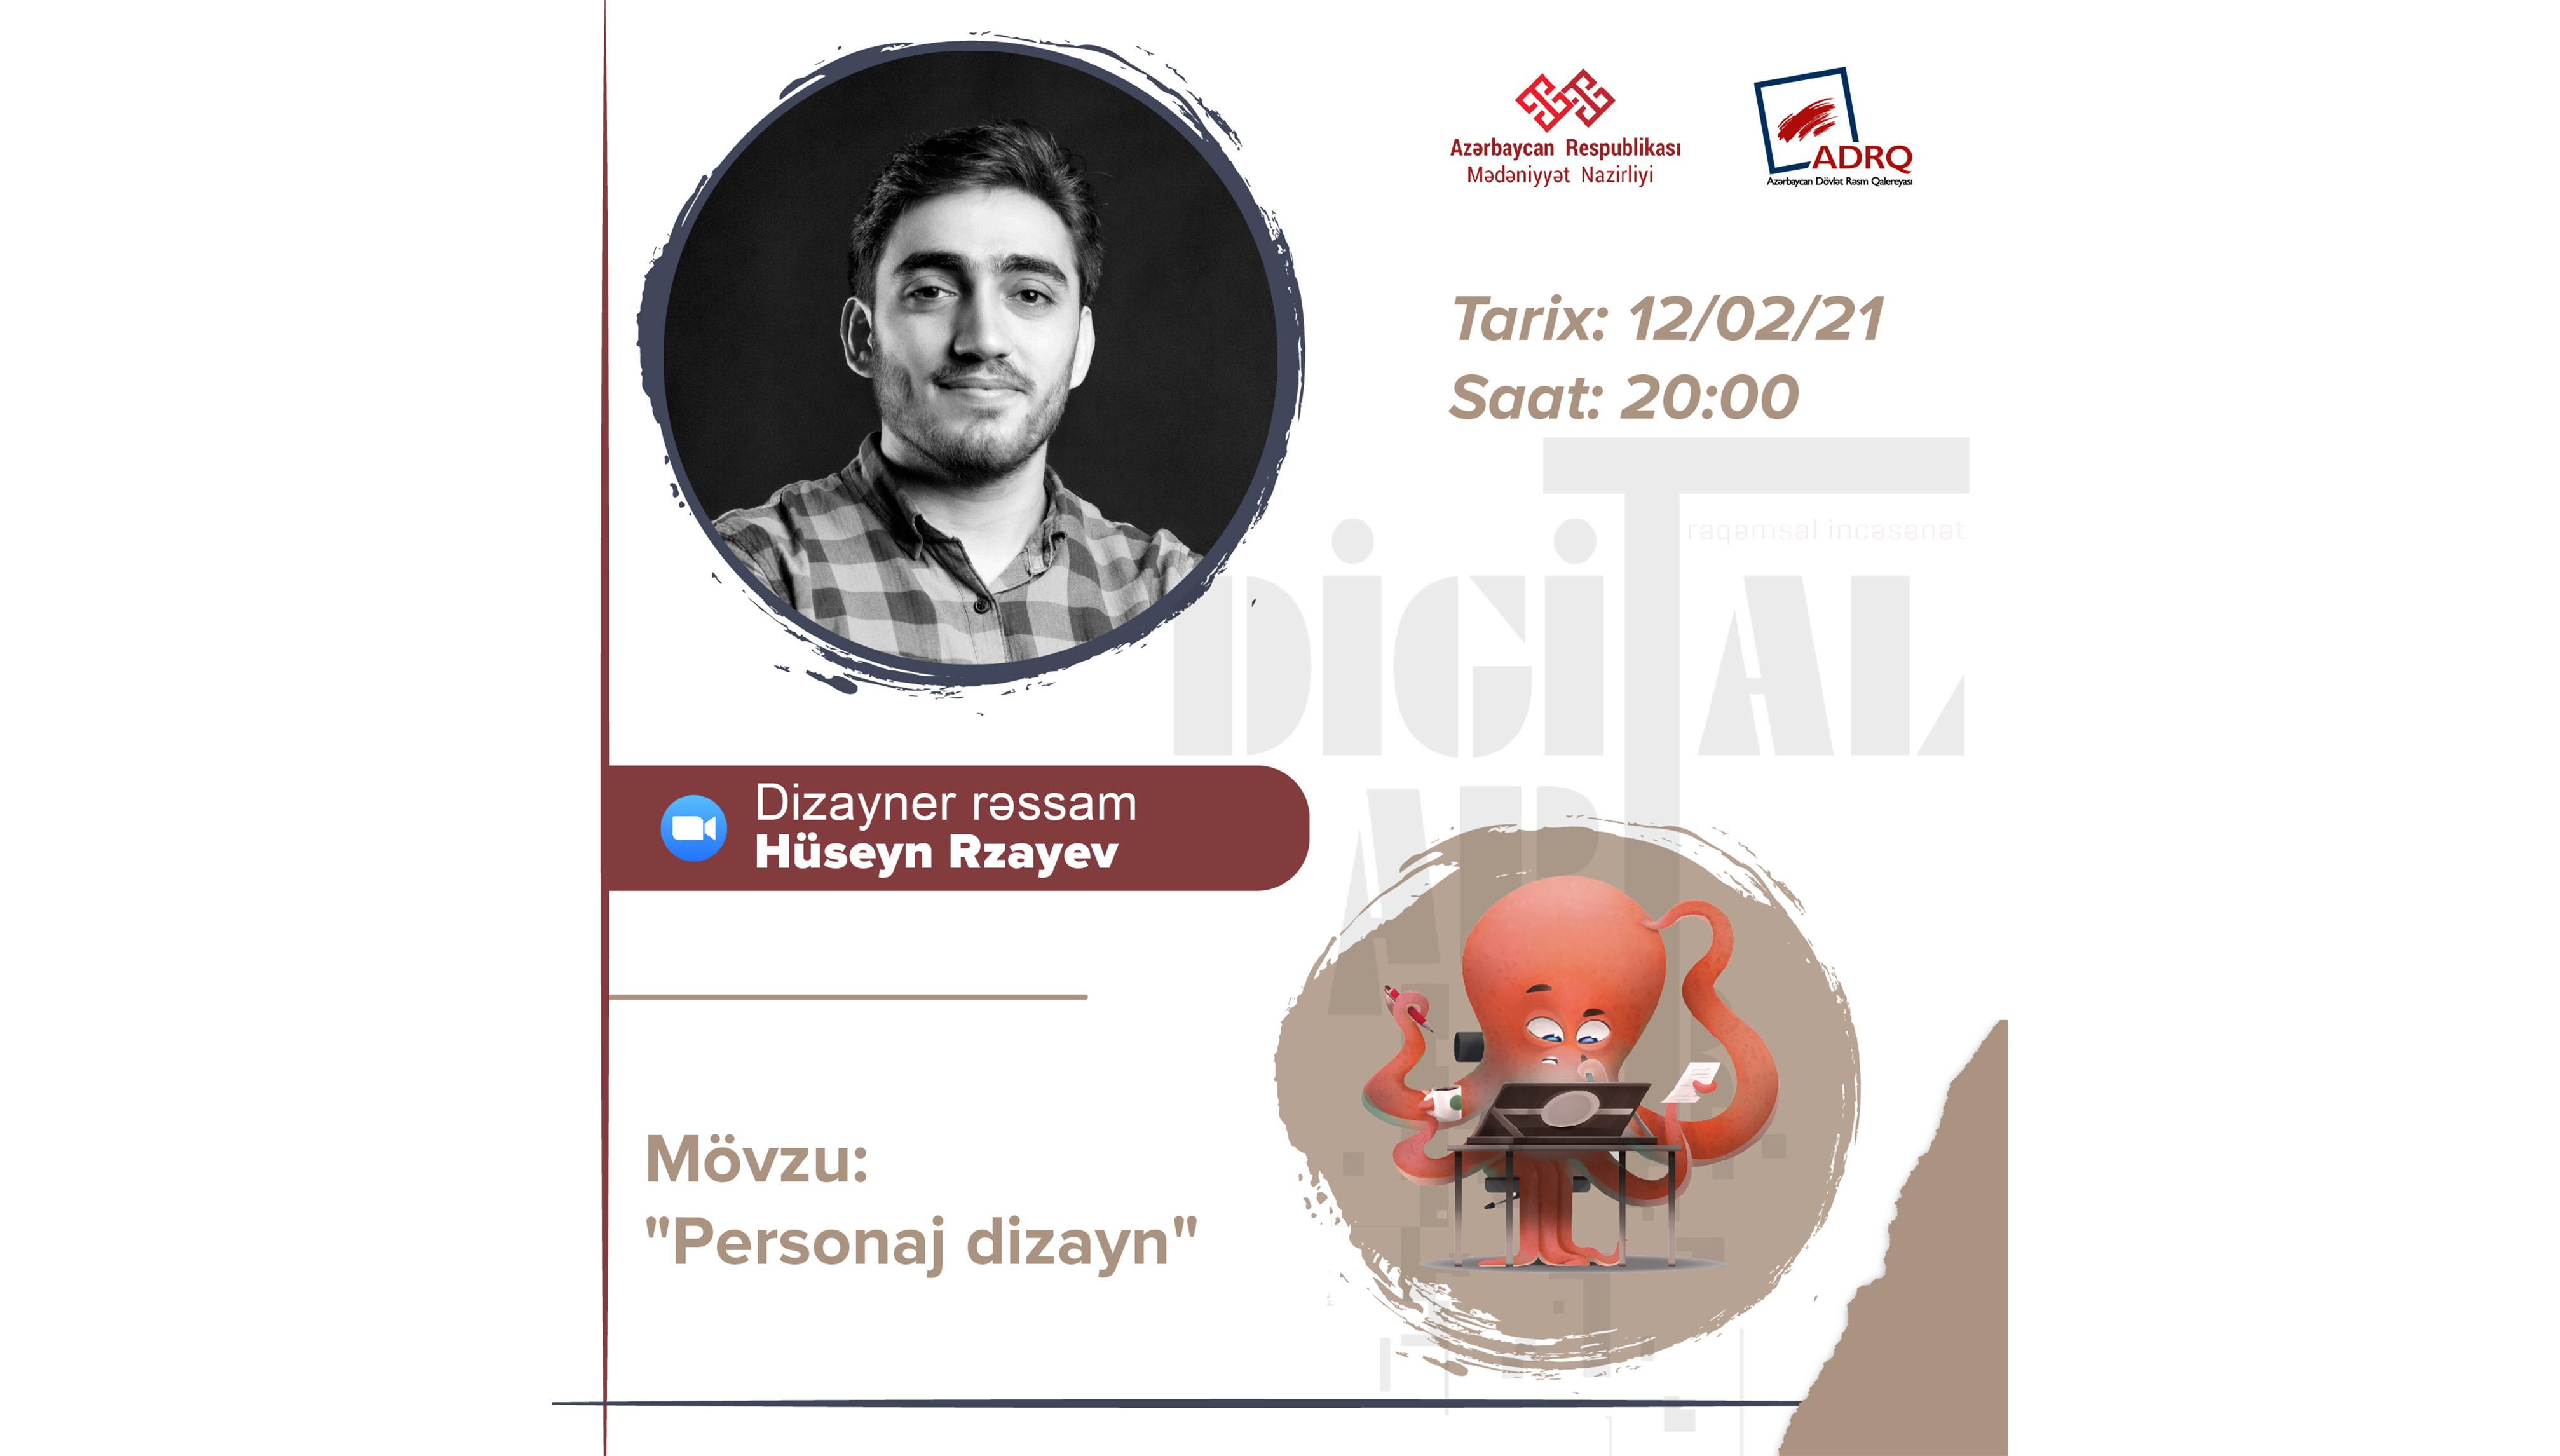 """""""Digitalart-lab"""" layihəsinin növbəti qonağı dizayner rəssam Hüseyn Rzayev olacaq"""